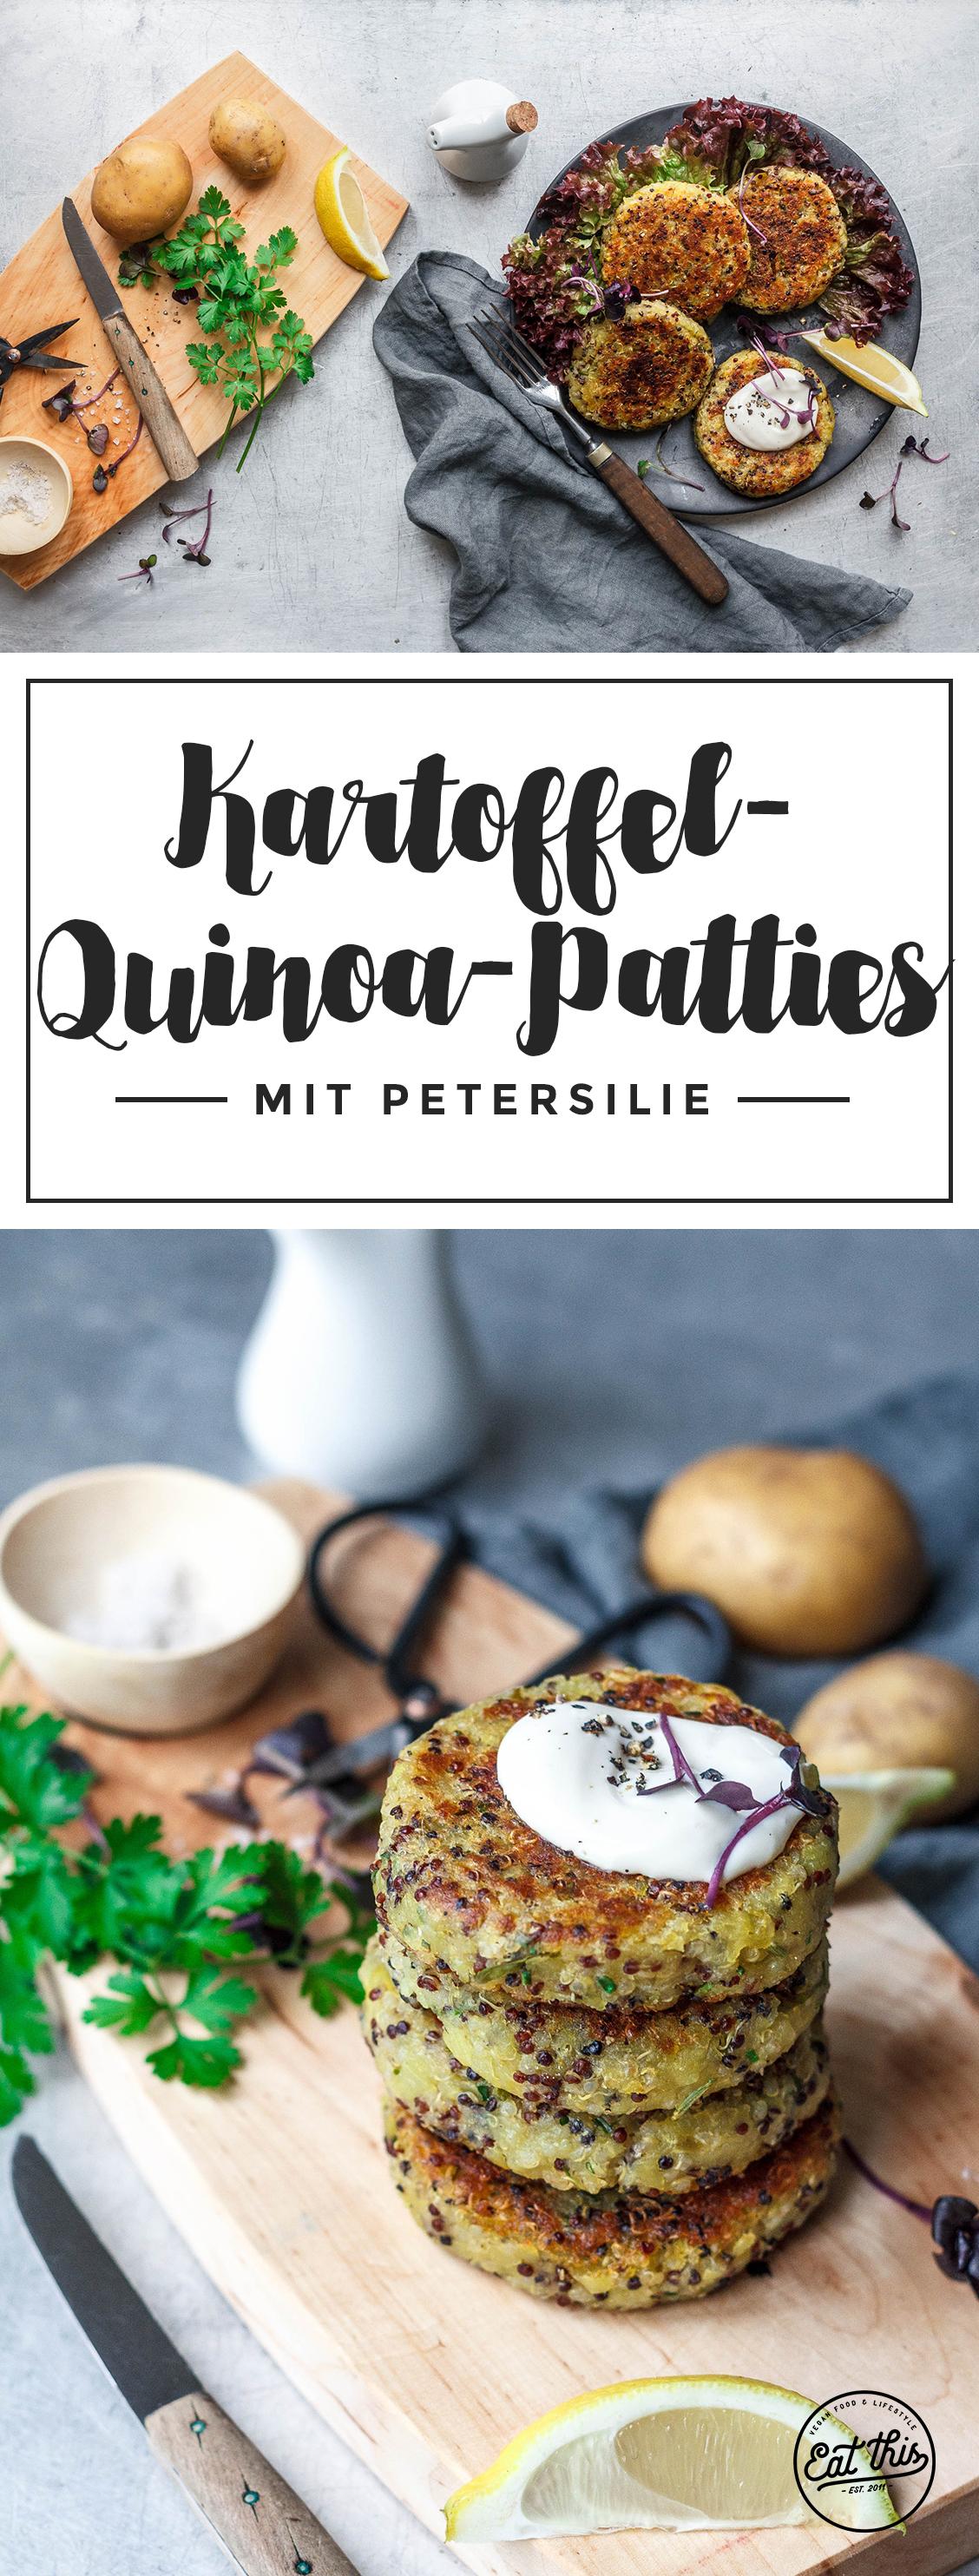 Einfache Kartoffel-Quinoa-Patties